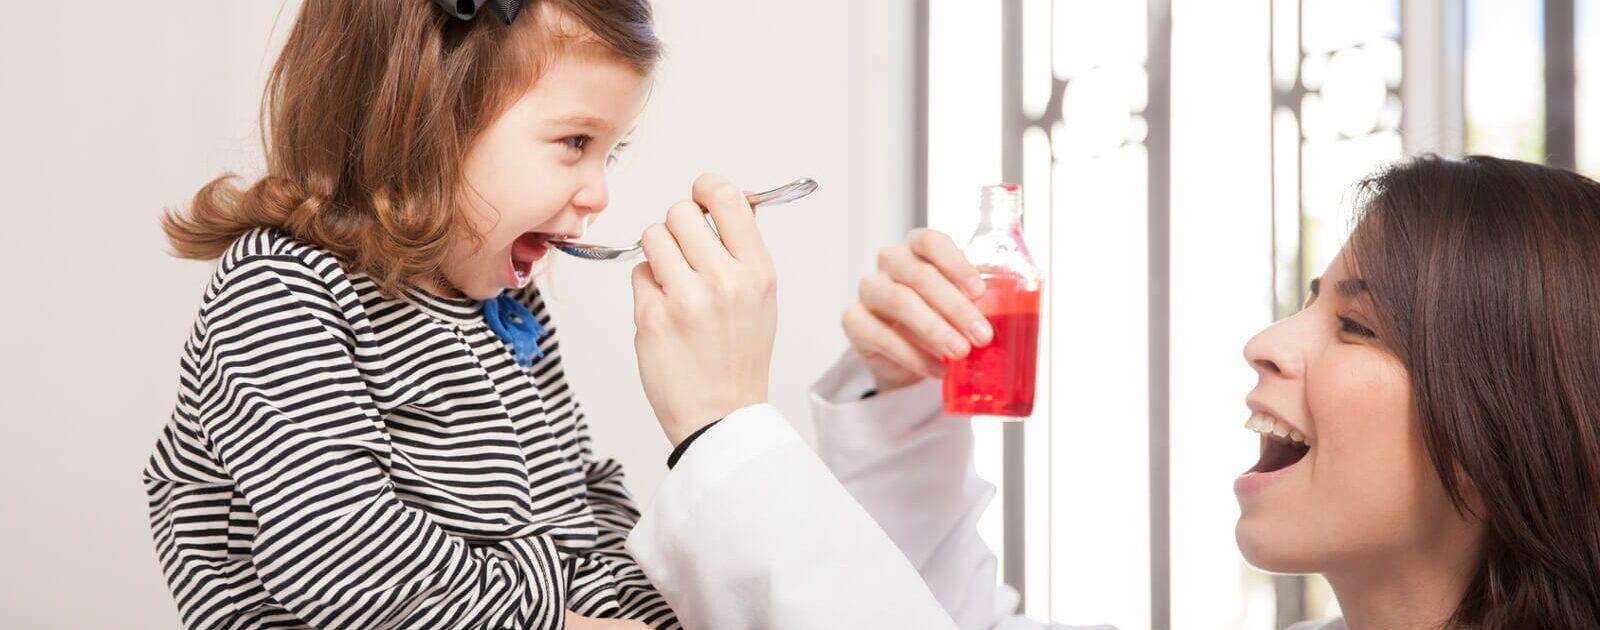 Ein Mädchen erhält von einer Ärztin ein Medikament.